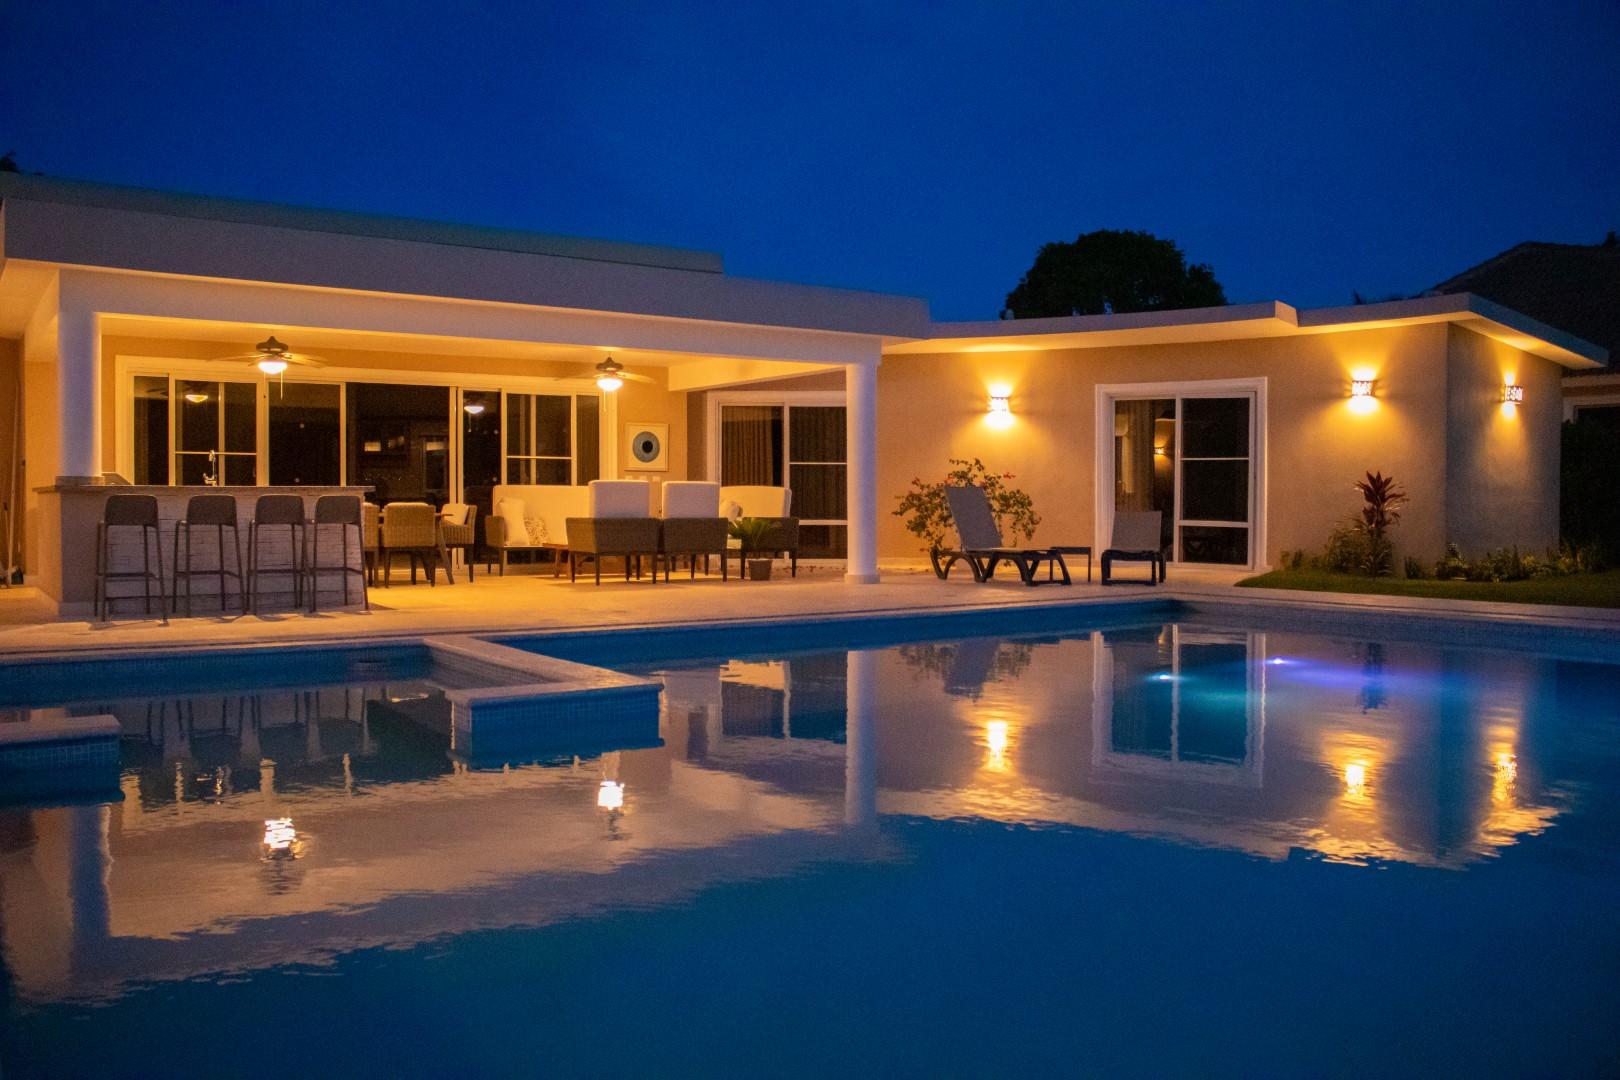 dominican republic vacation rentals